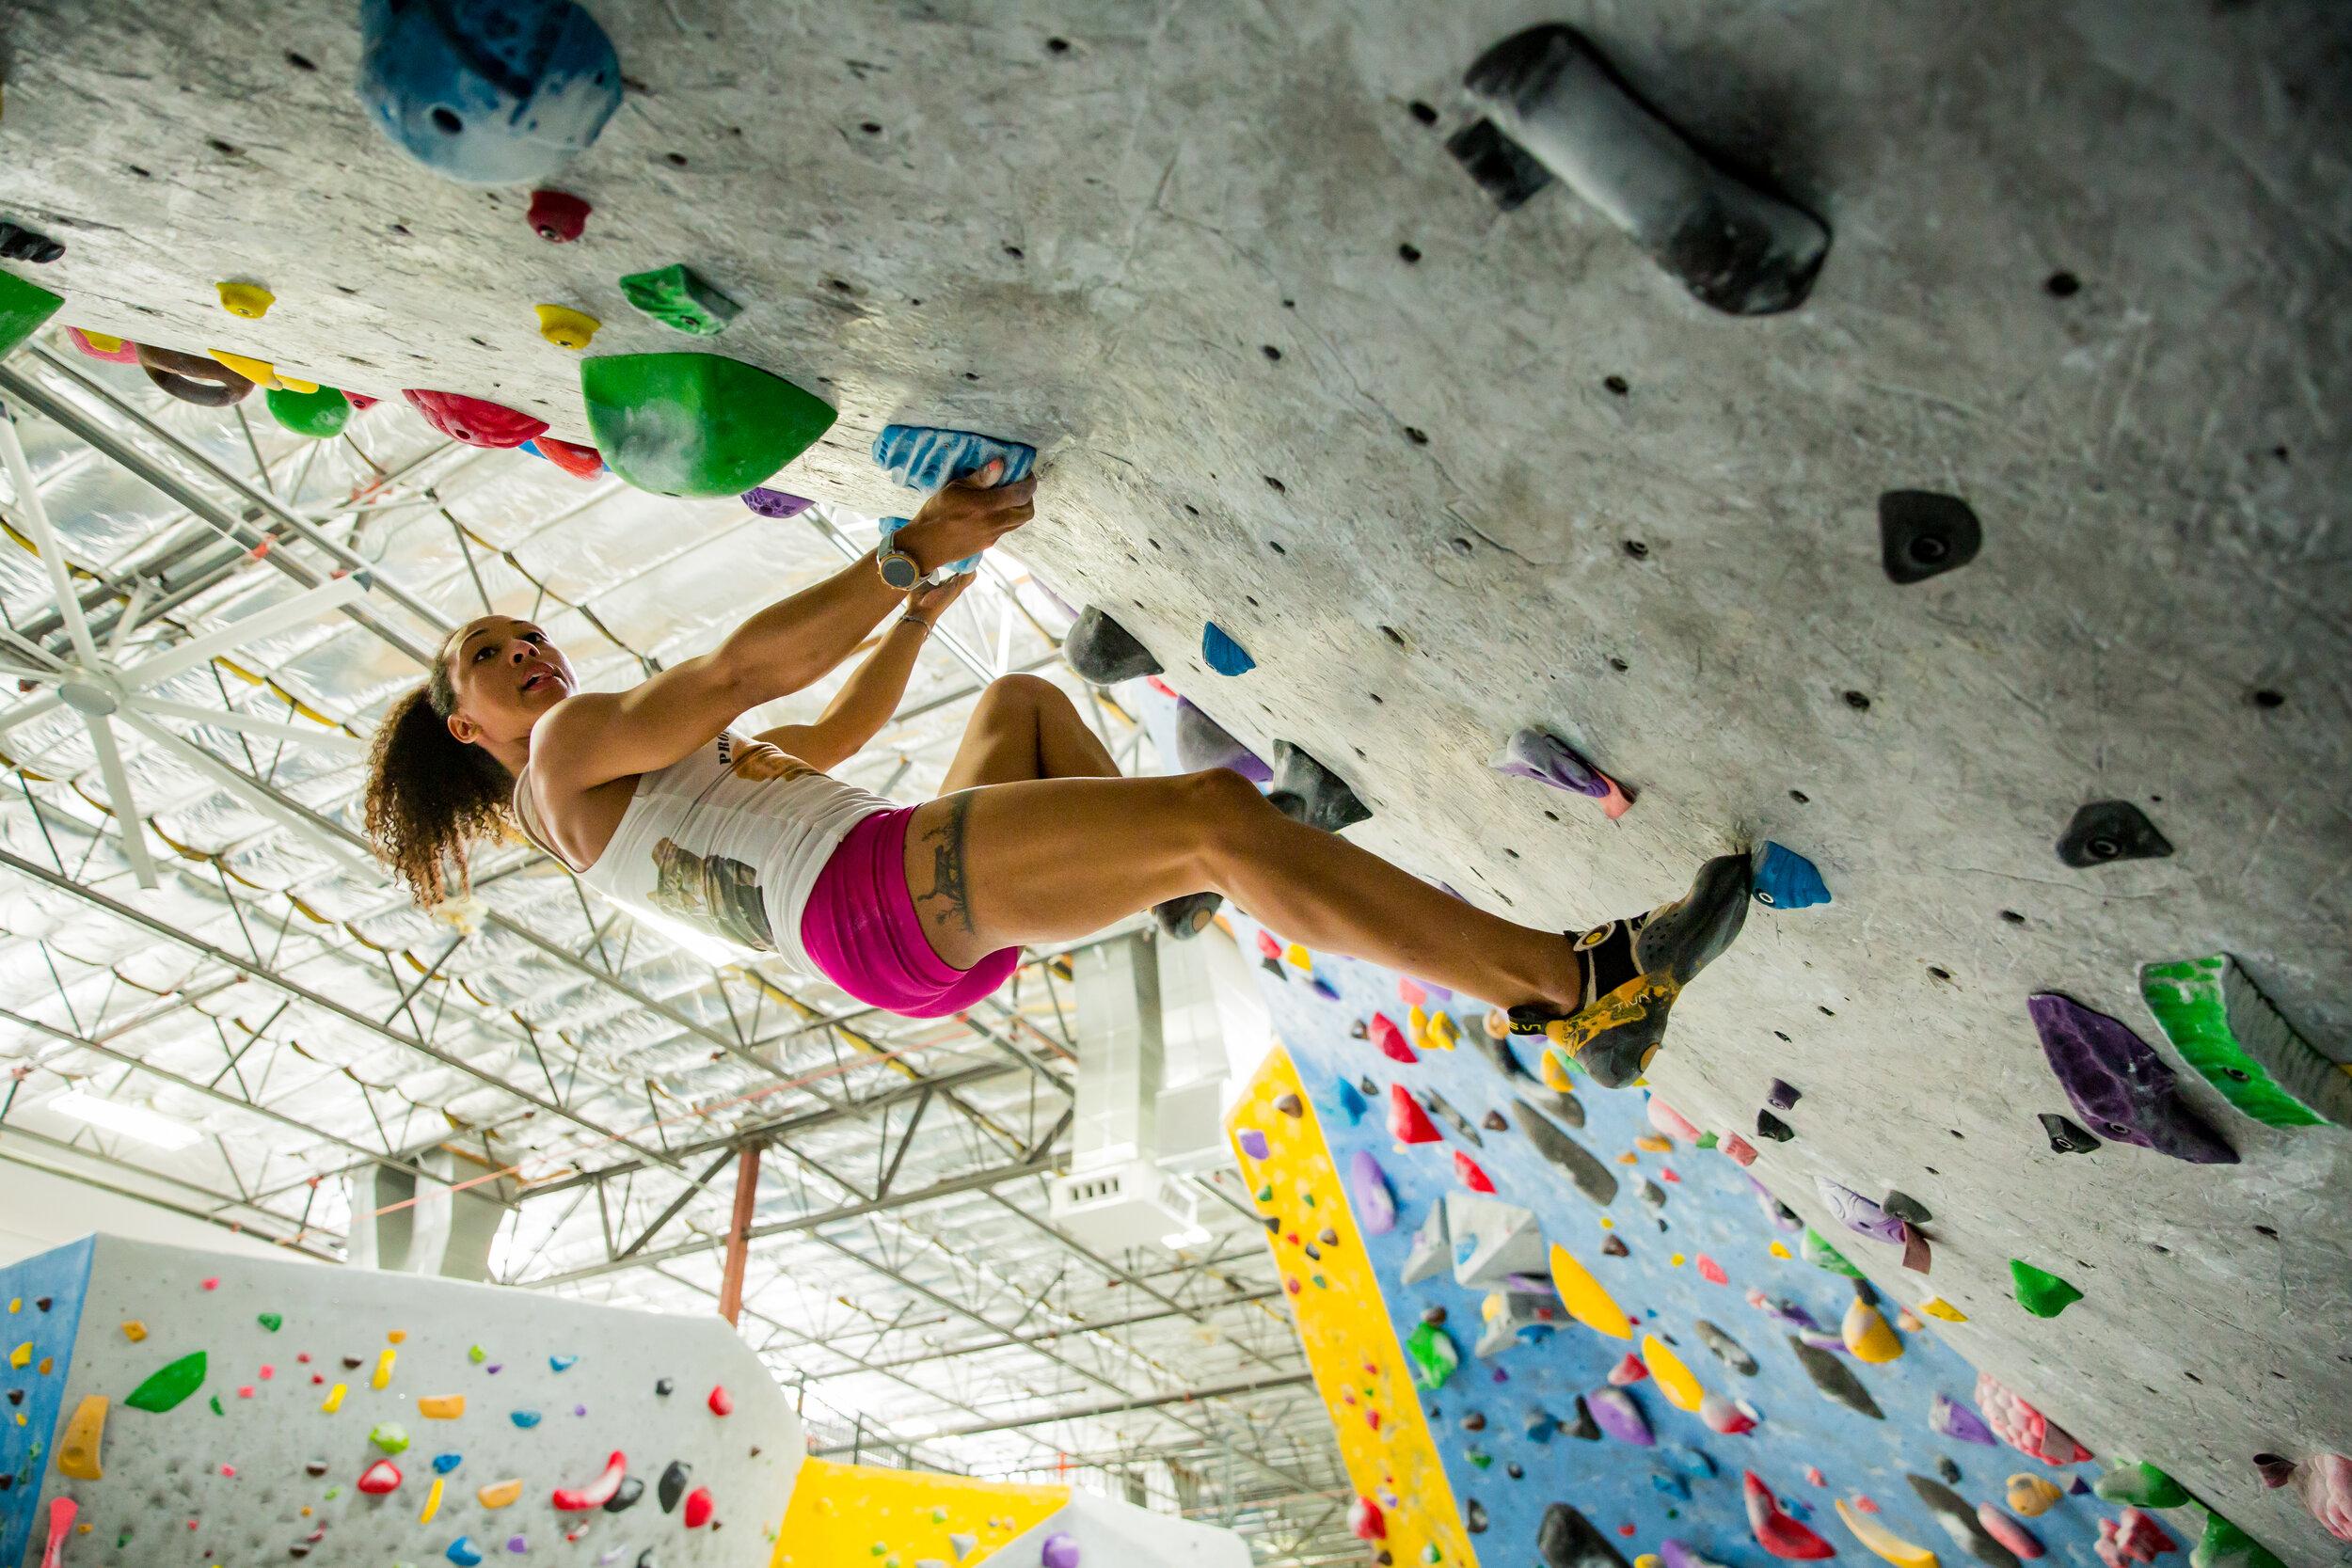 Climbing Gyms - The Refuge: http://climbrefuge.com/Red Rock Climbing Center: https://www.redrockclimbingcenter.com/Origin Climbing and Fitness: https://originclimb.com/Nevada Climbing Center: https://nvclimbing.com/